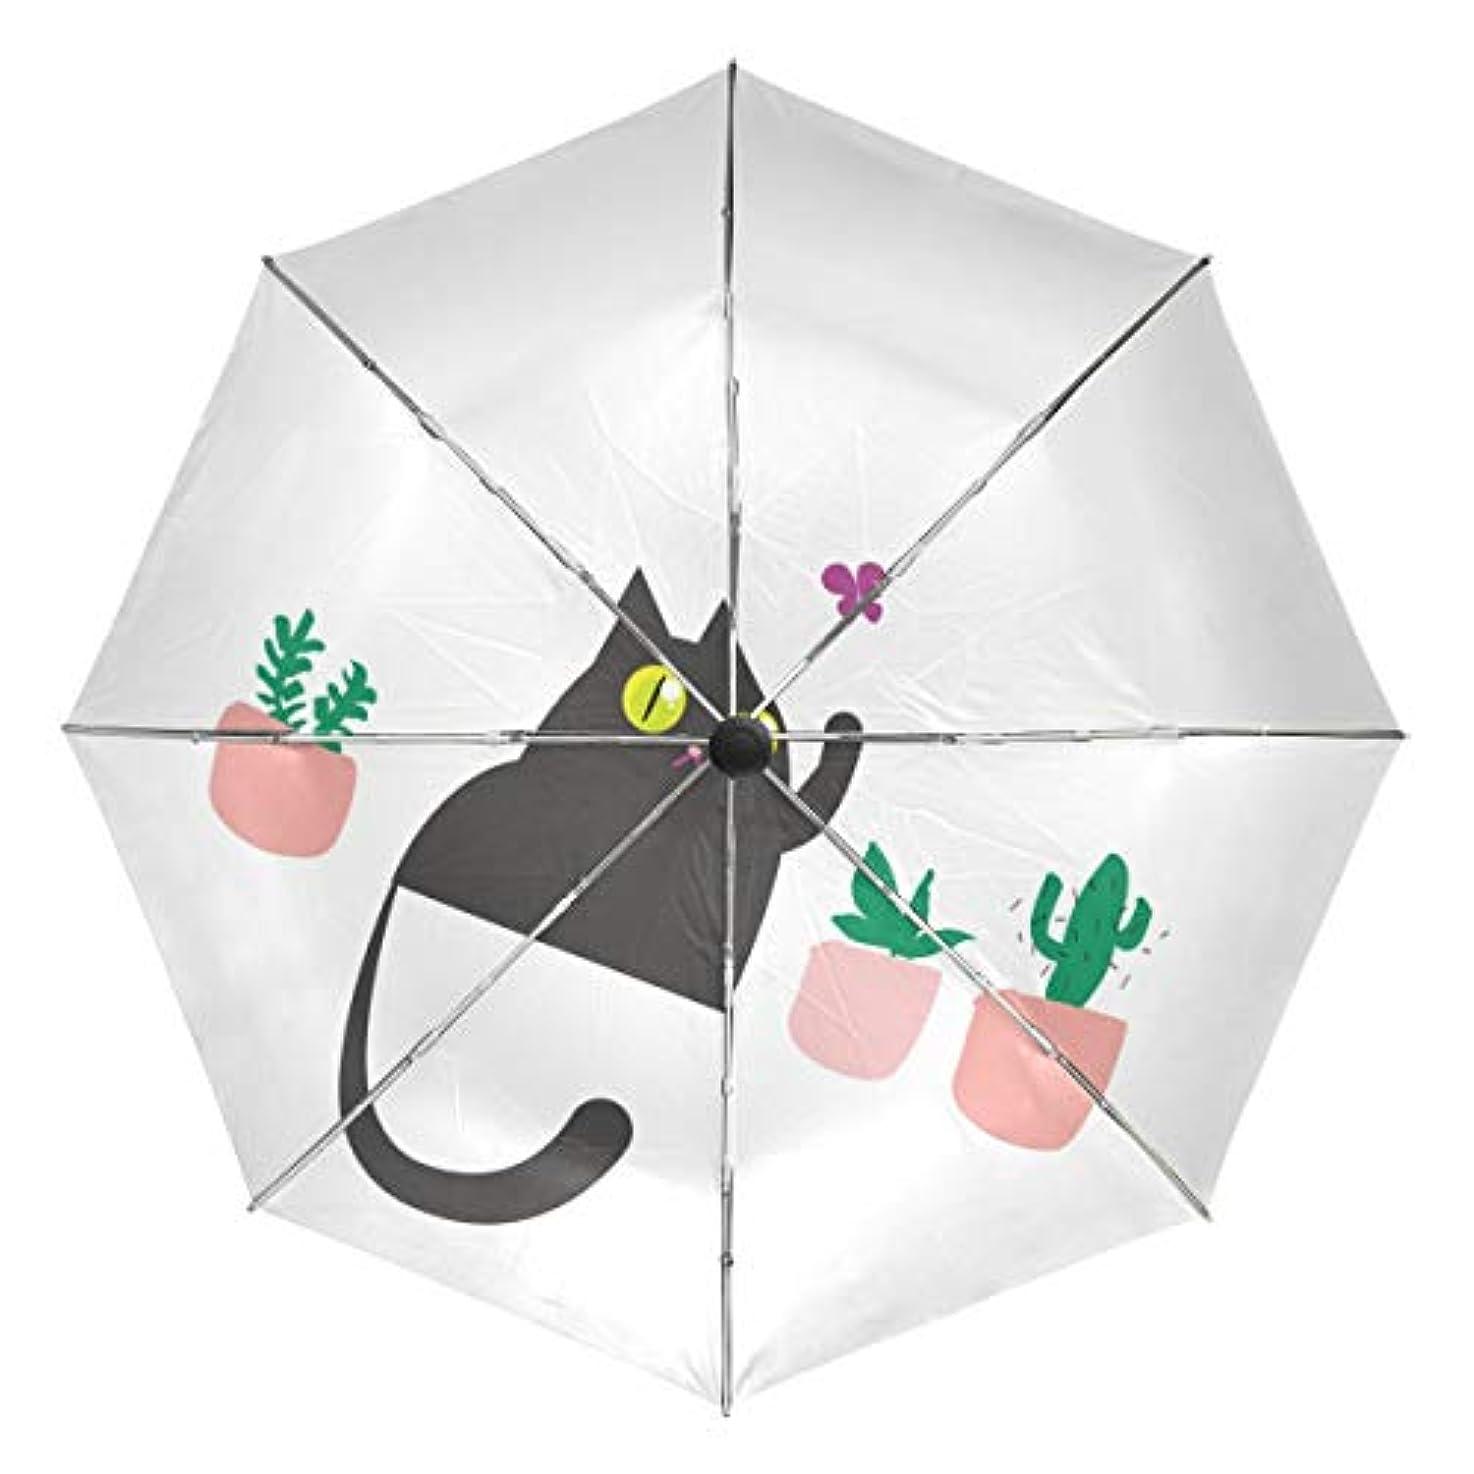 葉を拾うガードビームAkiraki 日傘 軽量 UVカット 遮光 折りたたみ傘 ワンタッチ 自動開閉 レディース メンズ おもしろ 黒猫 蝶 白 ホワイト 可愛い かわいい 折り畳み傘 晴雨兼用 断熱 耐強風 雨傘 傘 撥水加工 紫外線対策 収納ポーチ付き